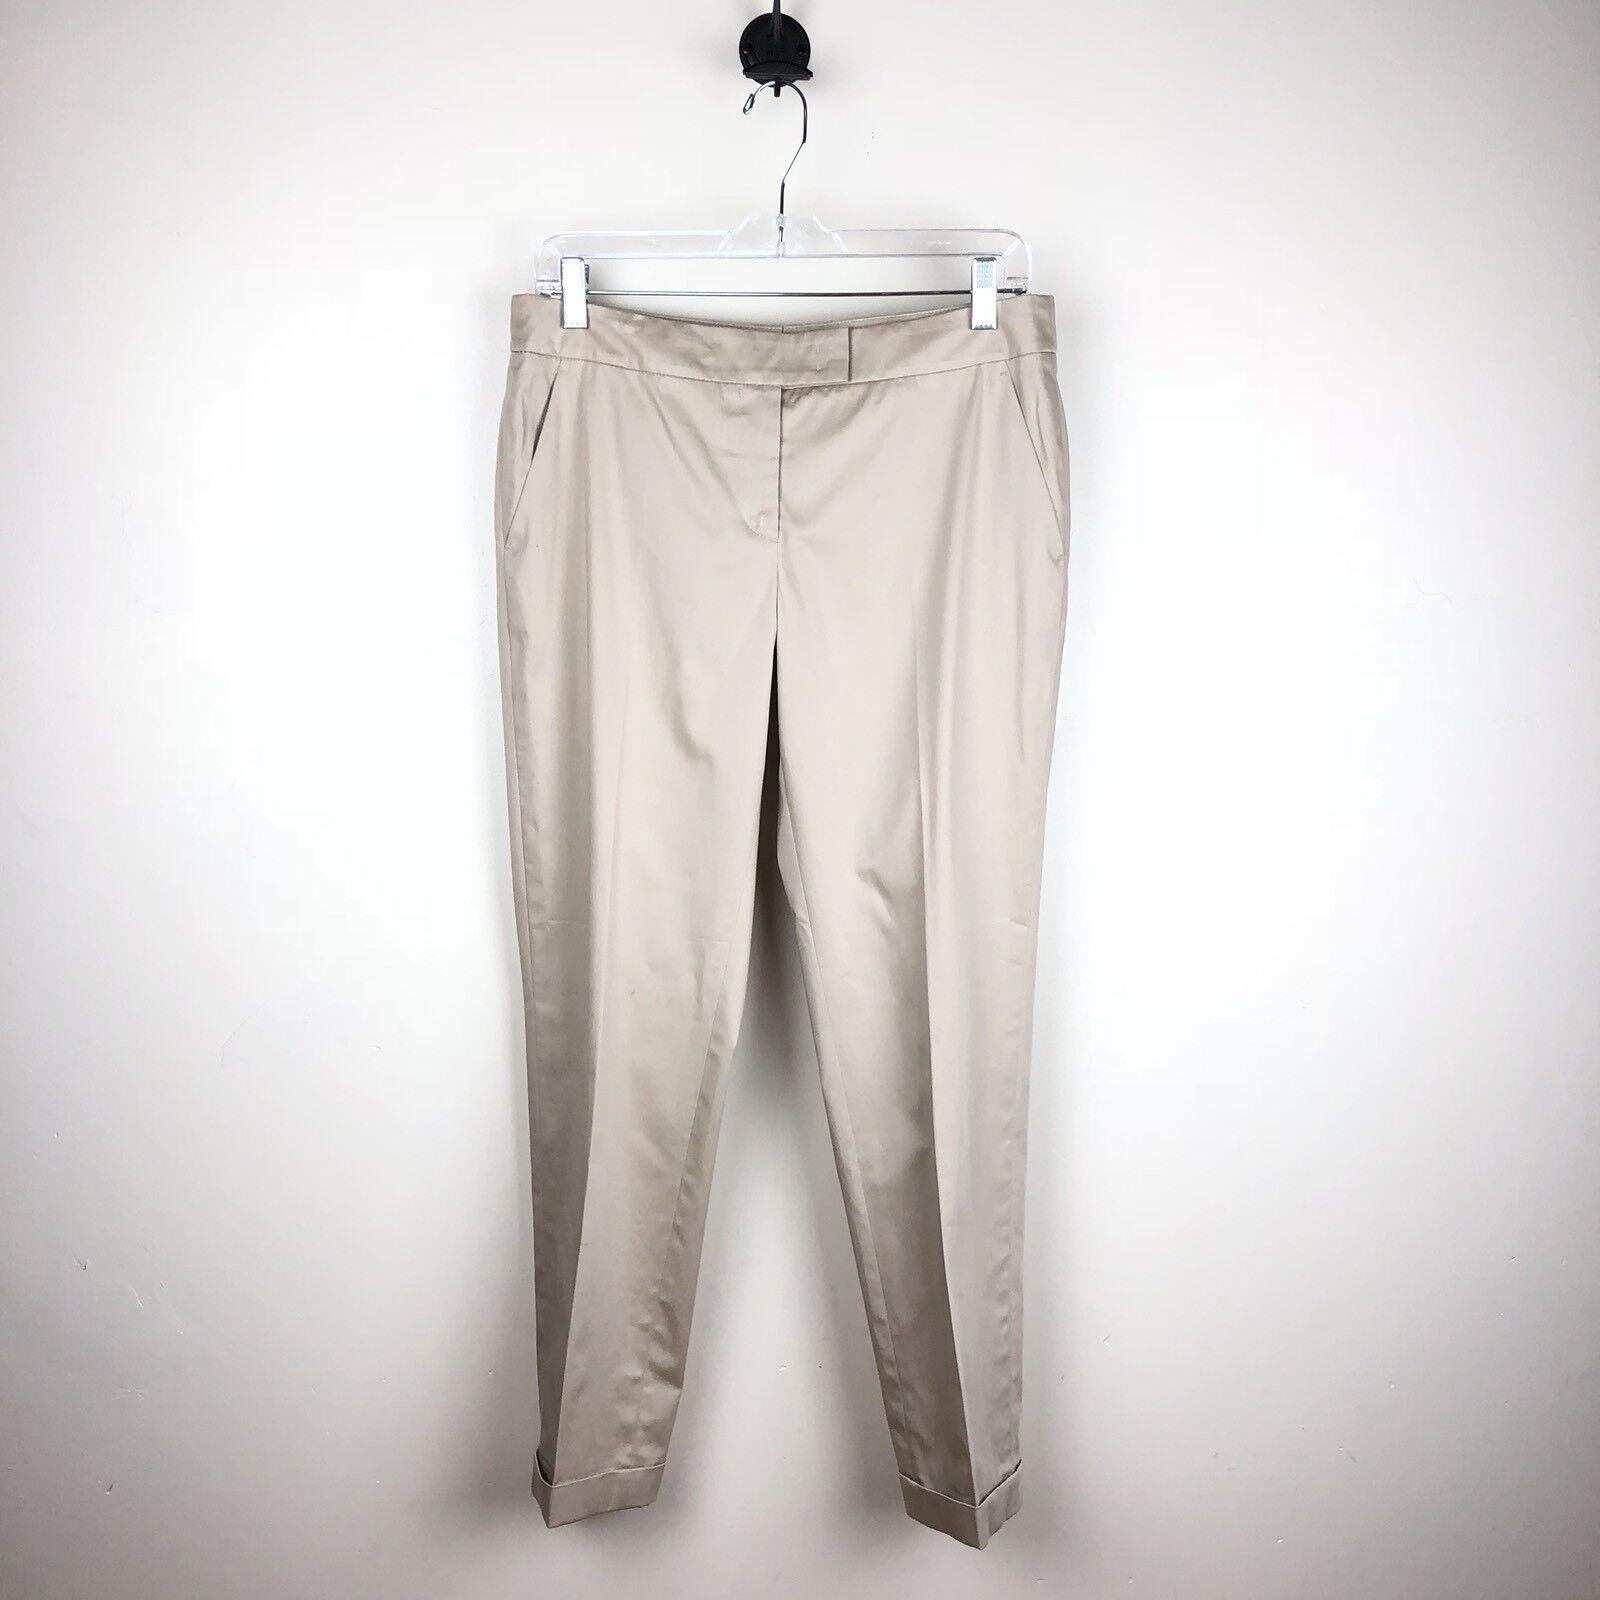 Akris Punto Women's Cuffed Khaki Cropped Straight Leg Capri Pants Size 6